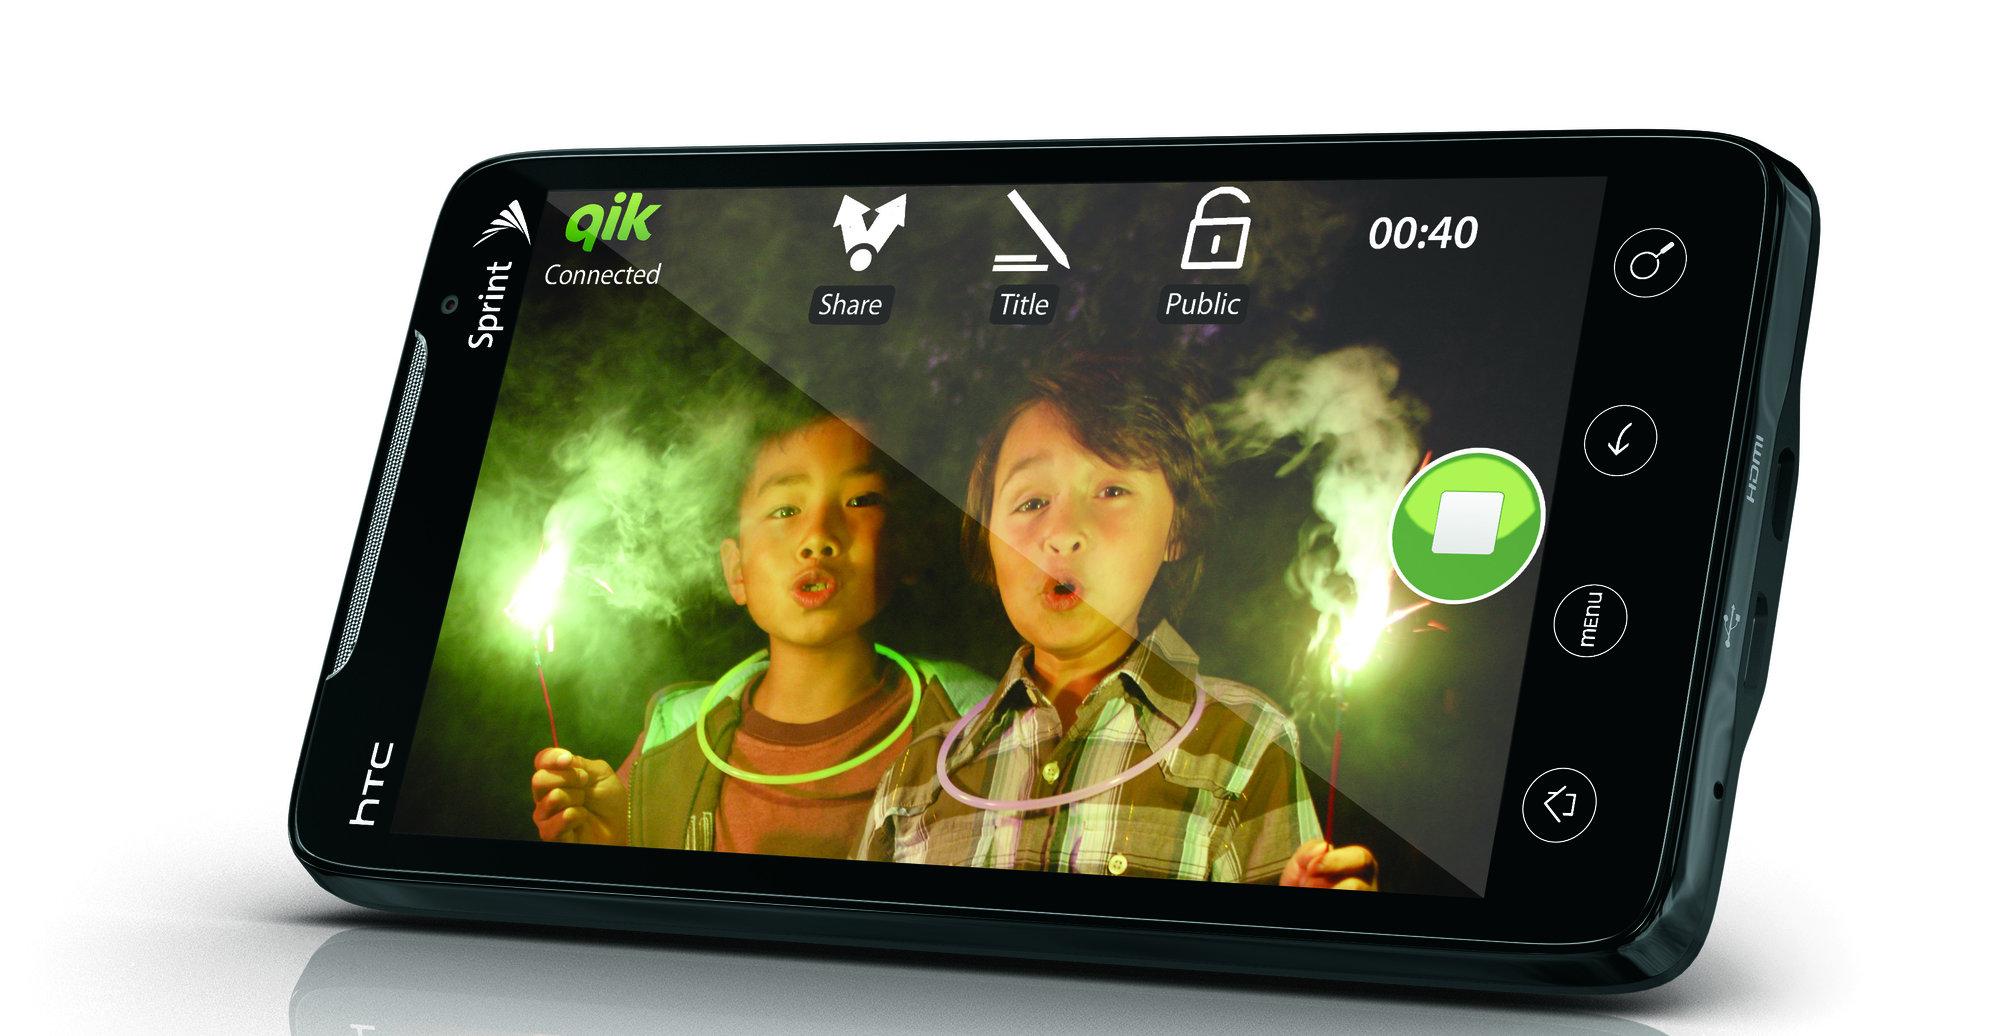 HTC-EVO-GHL-QIK